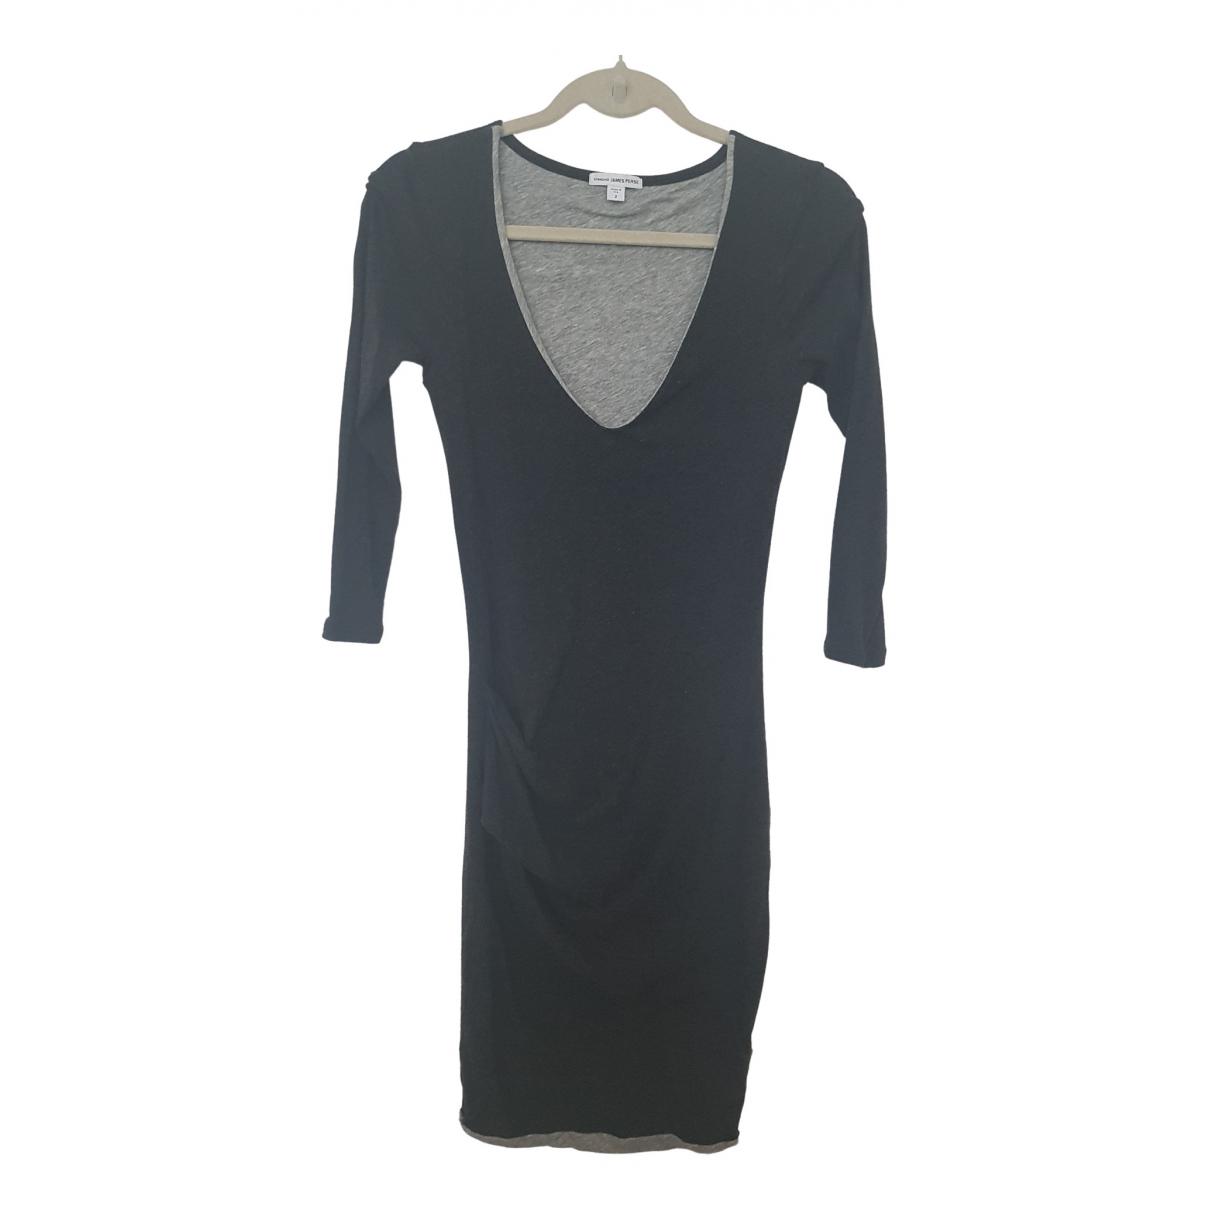 James Perse \N Kleid in  Anthrazit Baumwolle